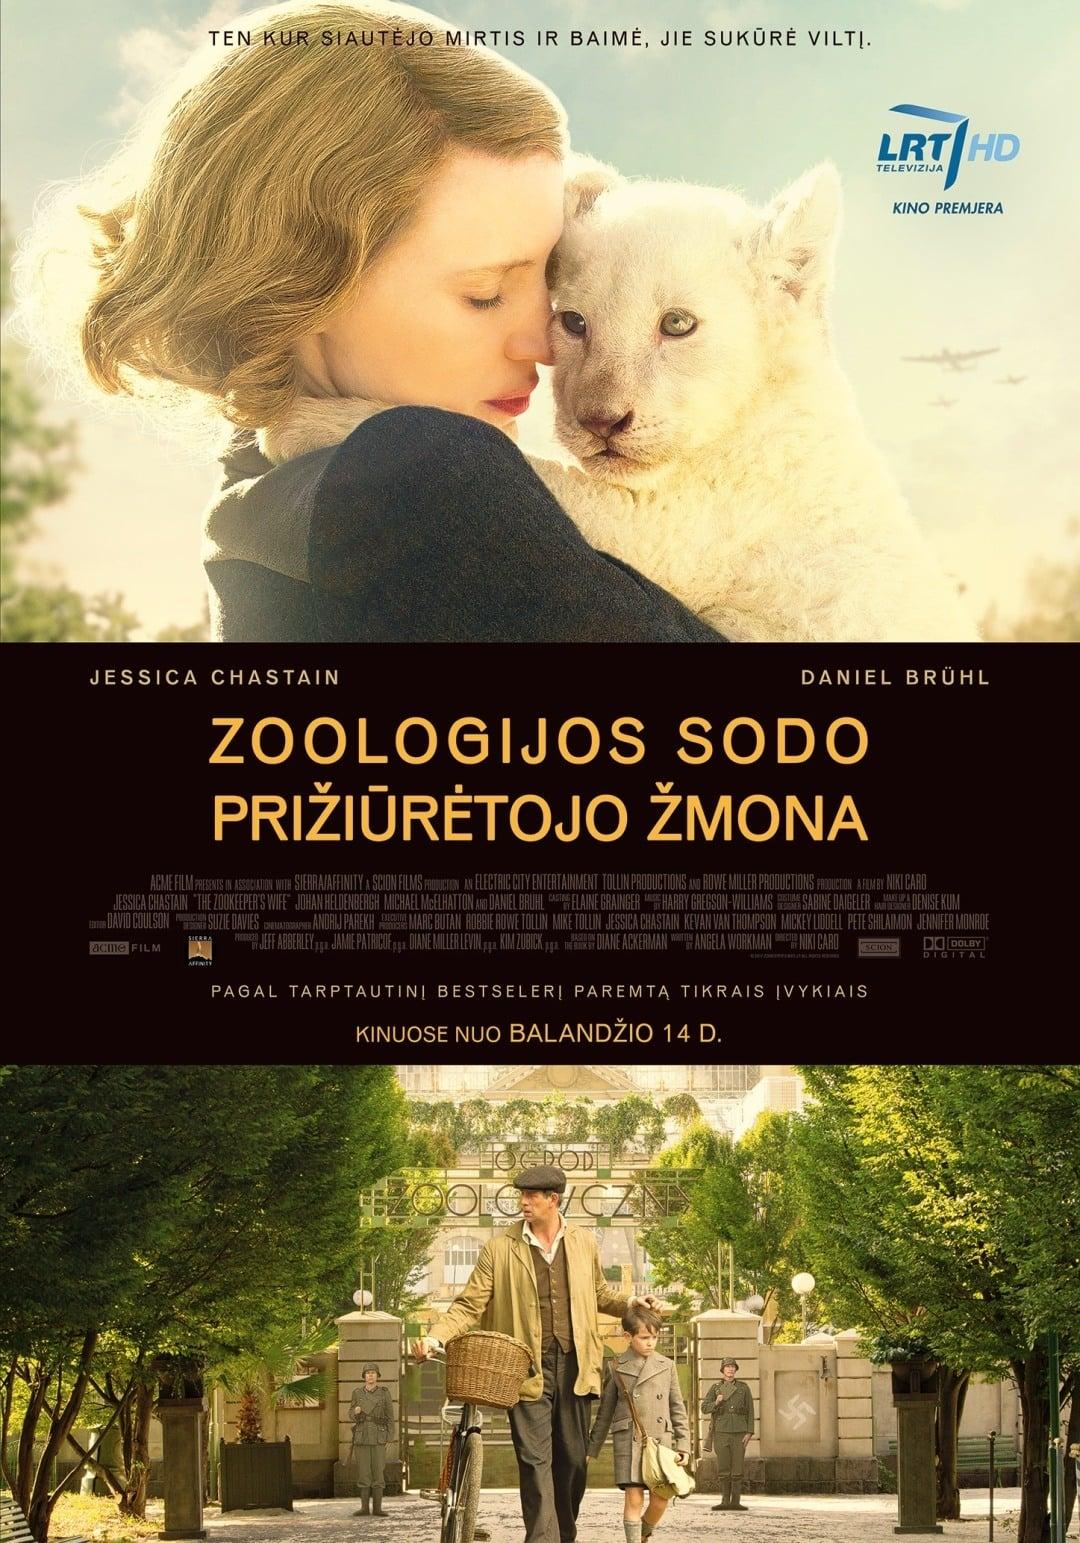 Zoologijos sodo prižiūrėtojo žmona / The Zookeeper's Wife (2017)